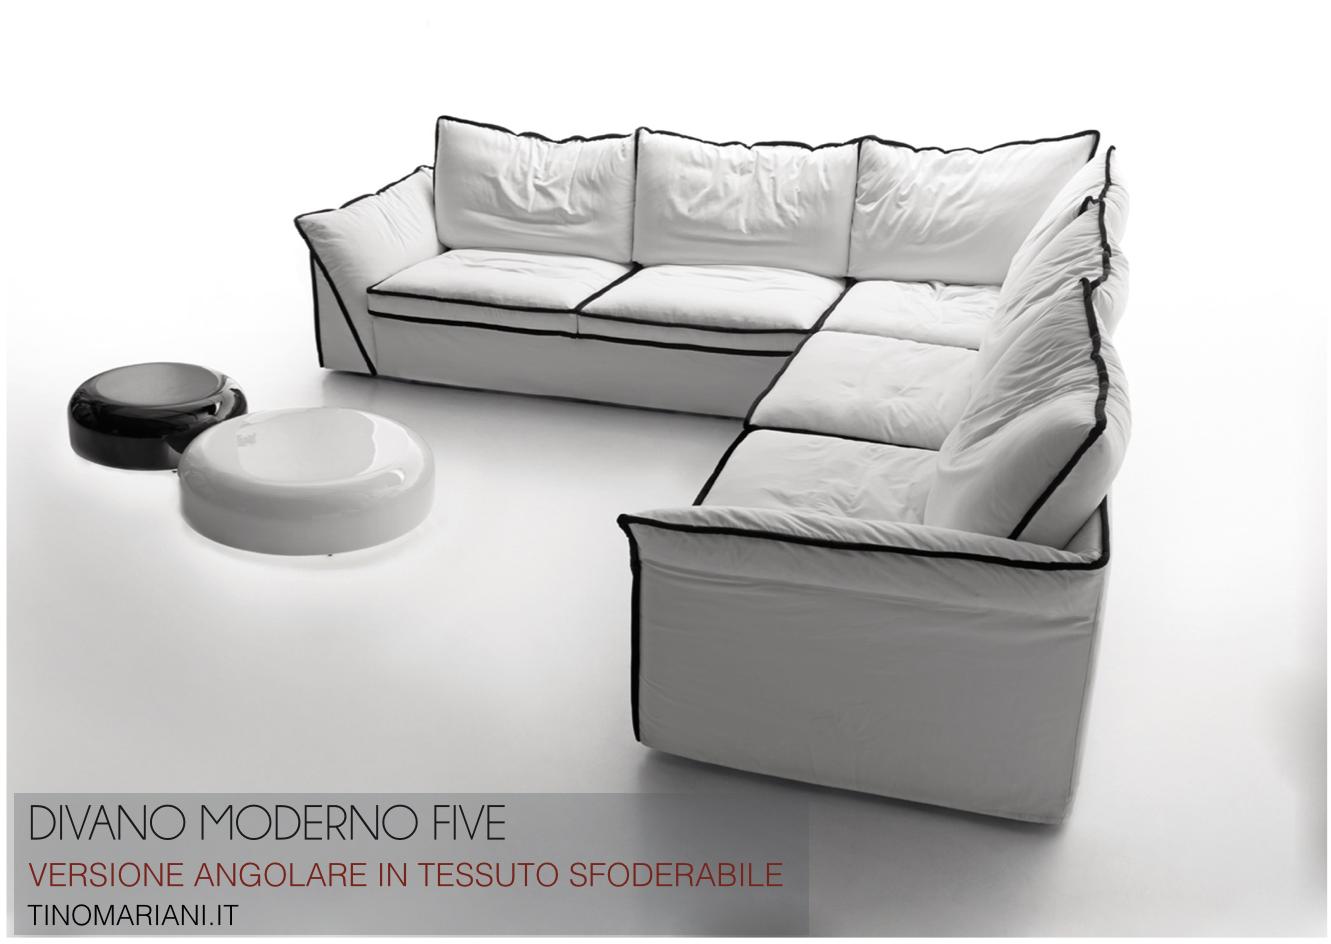 Divano angolare five un divano dai dettagli unici tino for Divano angolare in tessuto